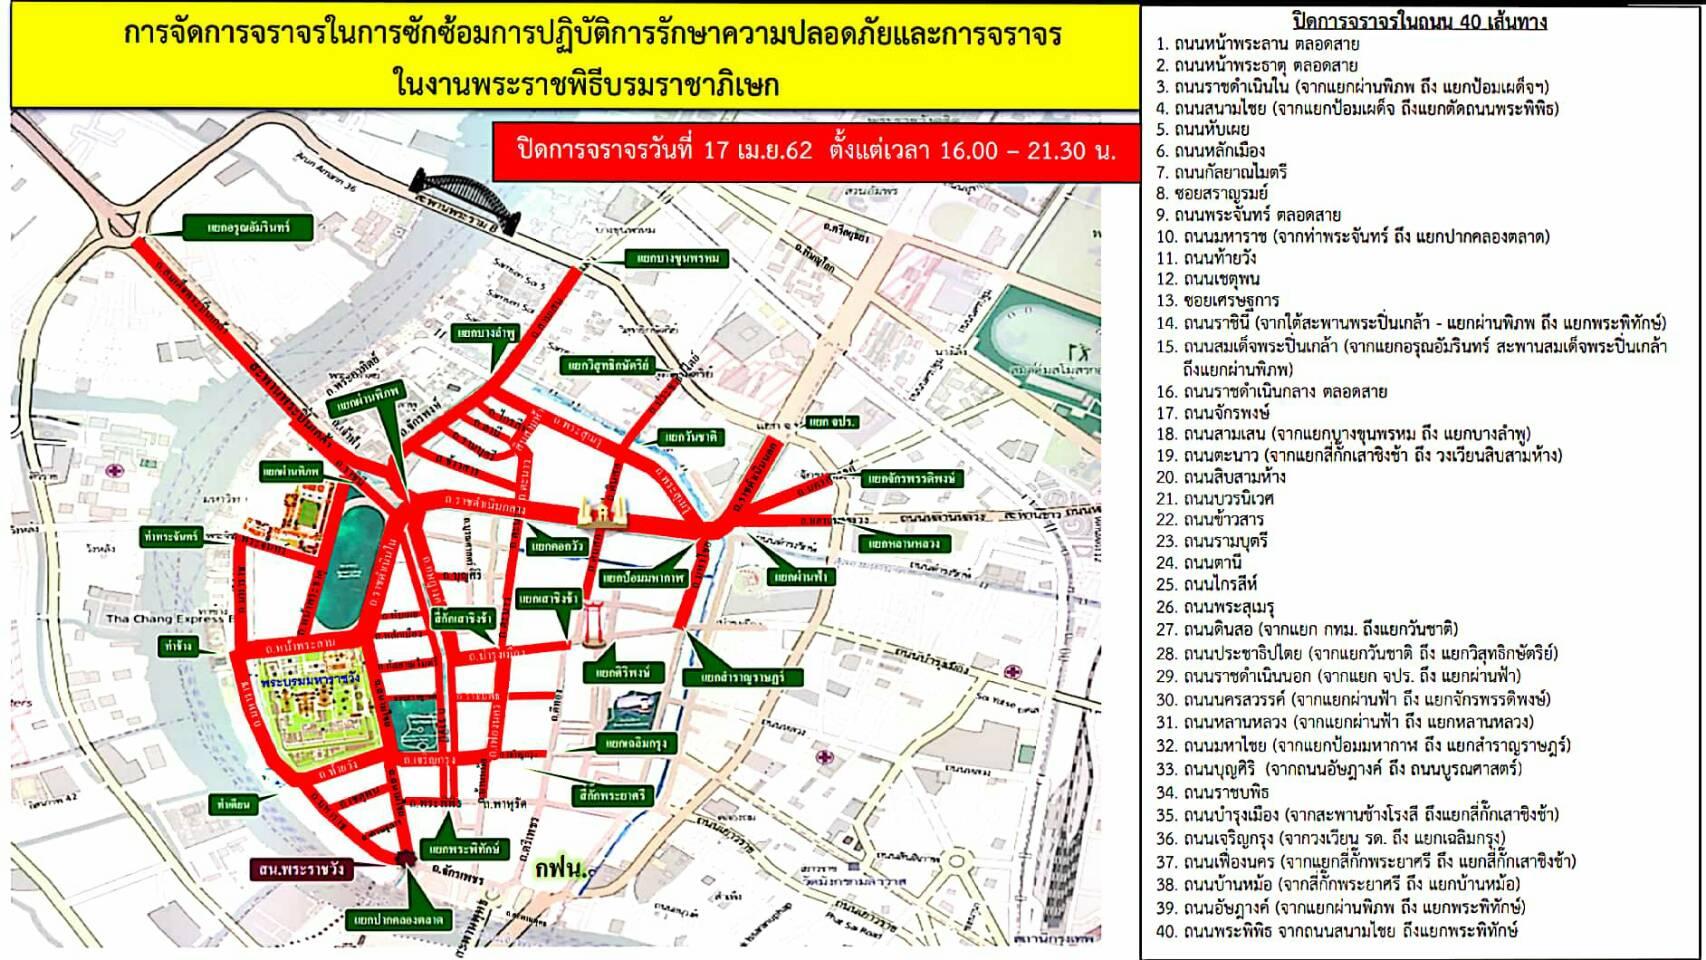 แผนที่ปิดการจราจรวันซ้อมขบวน 17 เม.ย.62